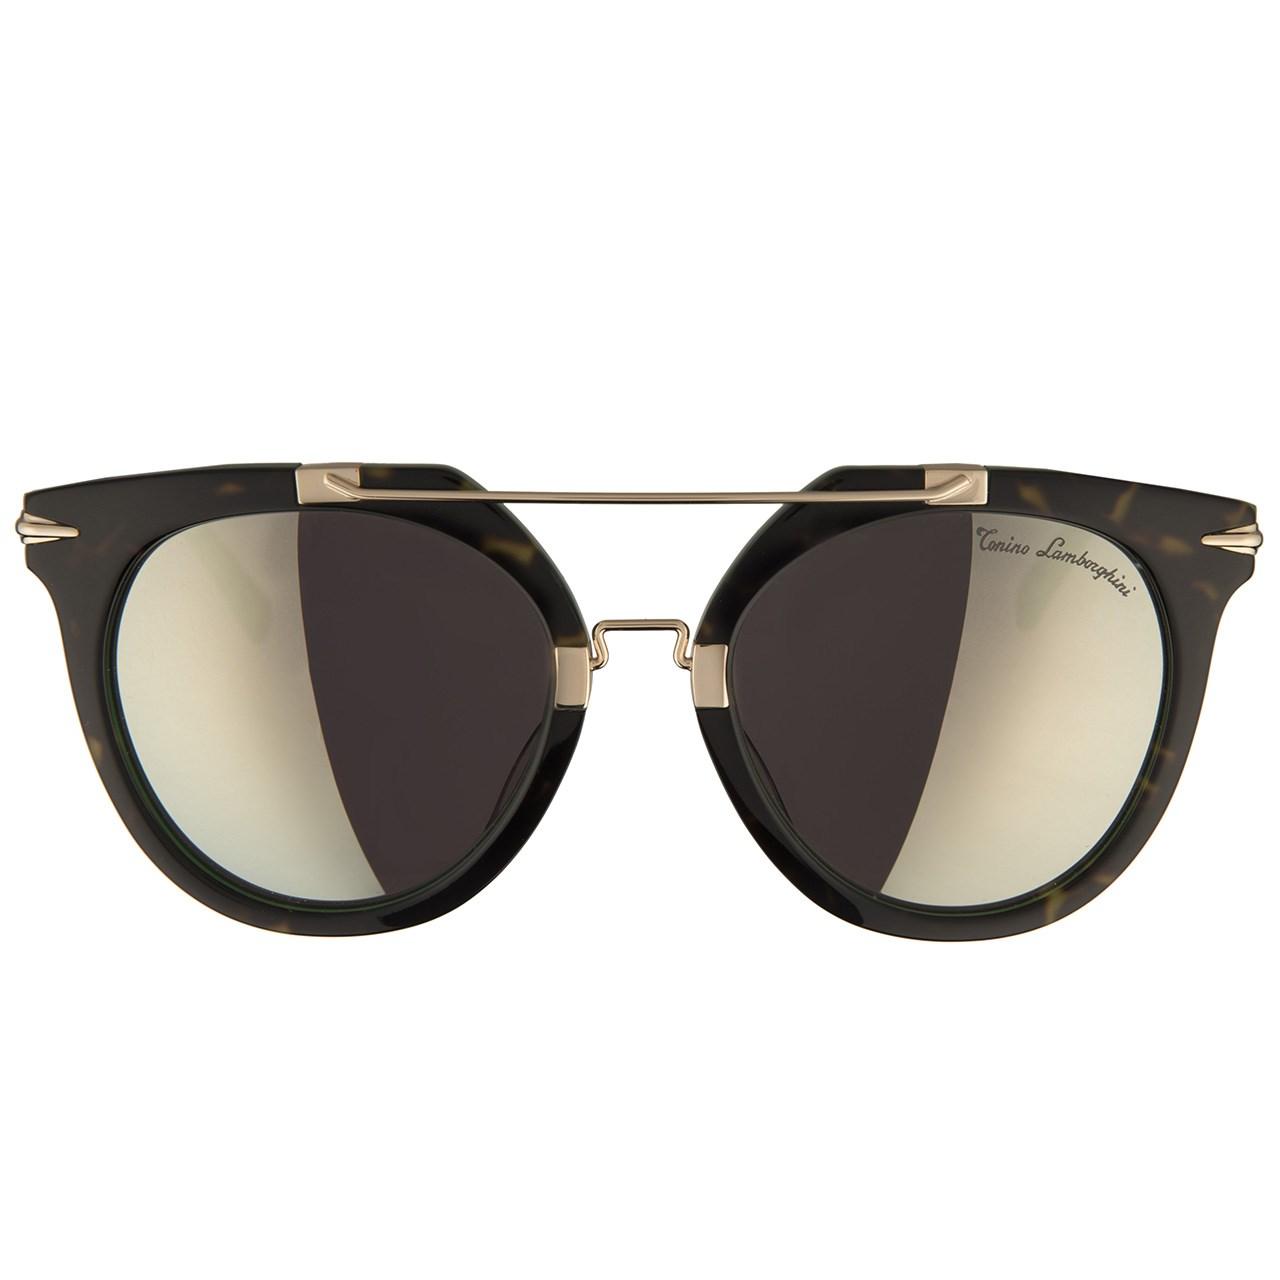 عینک آفتابی تونینو لامبورگینی مدل TL556-56